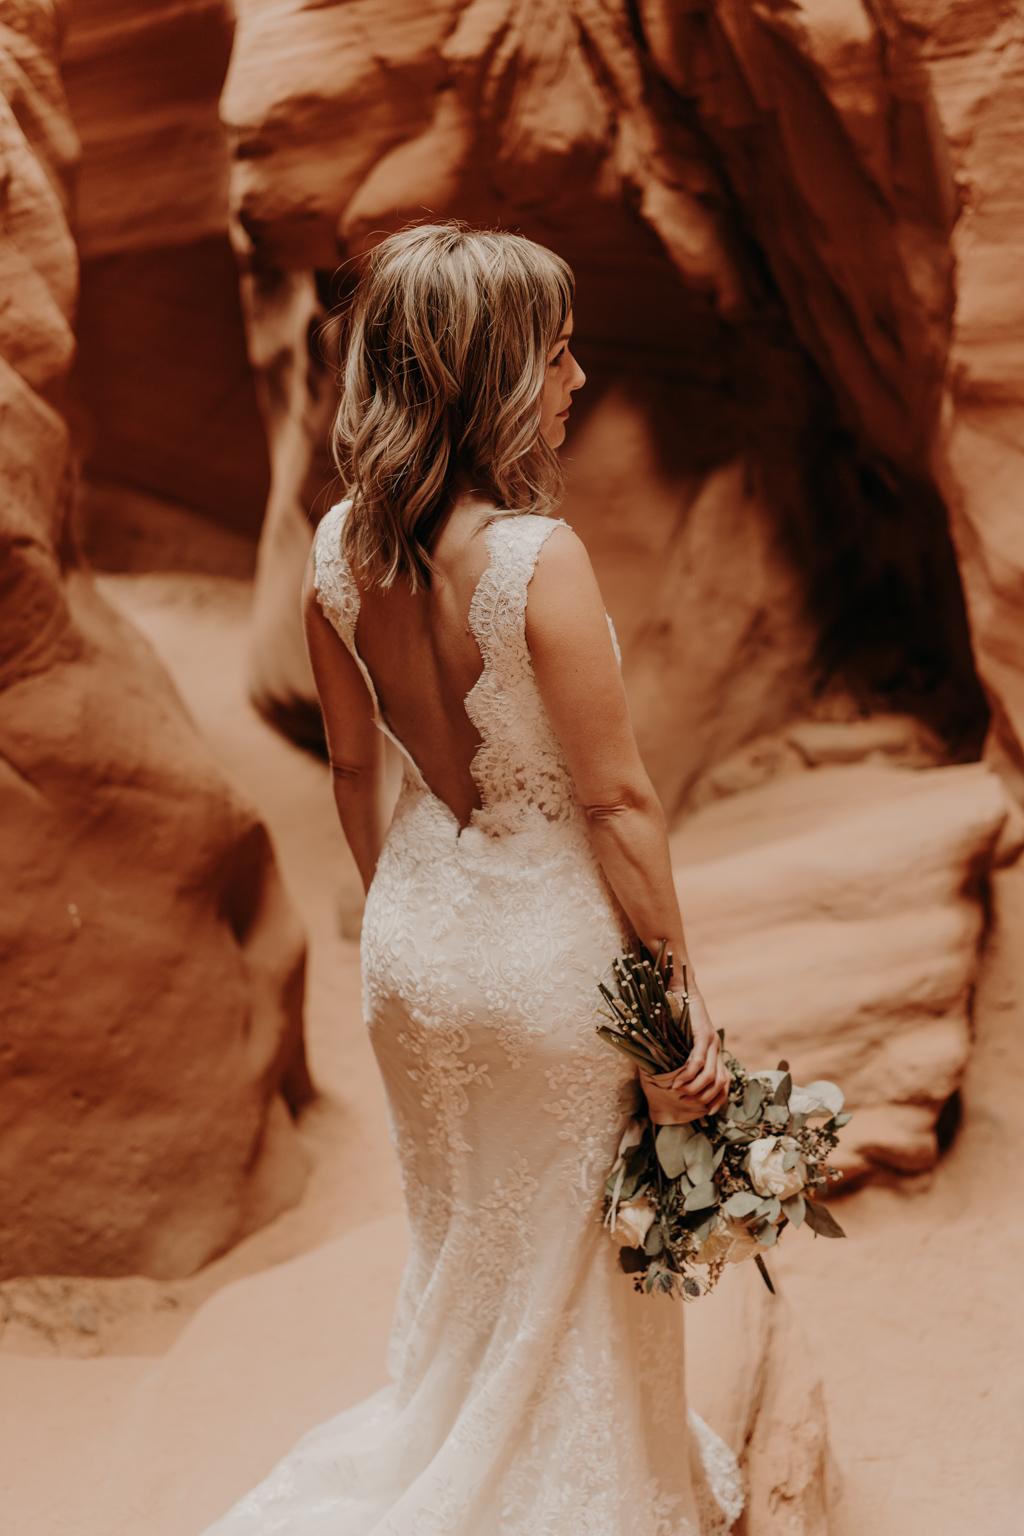 trouweninhetbuitenland_huwelijksfotografie_roxannedankers-33.jpg